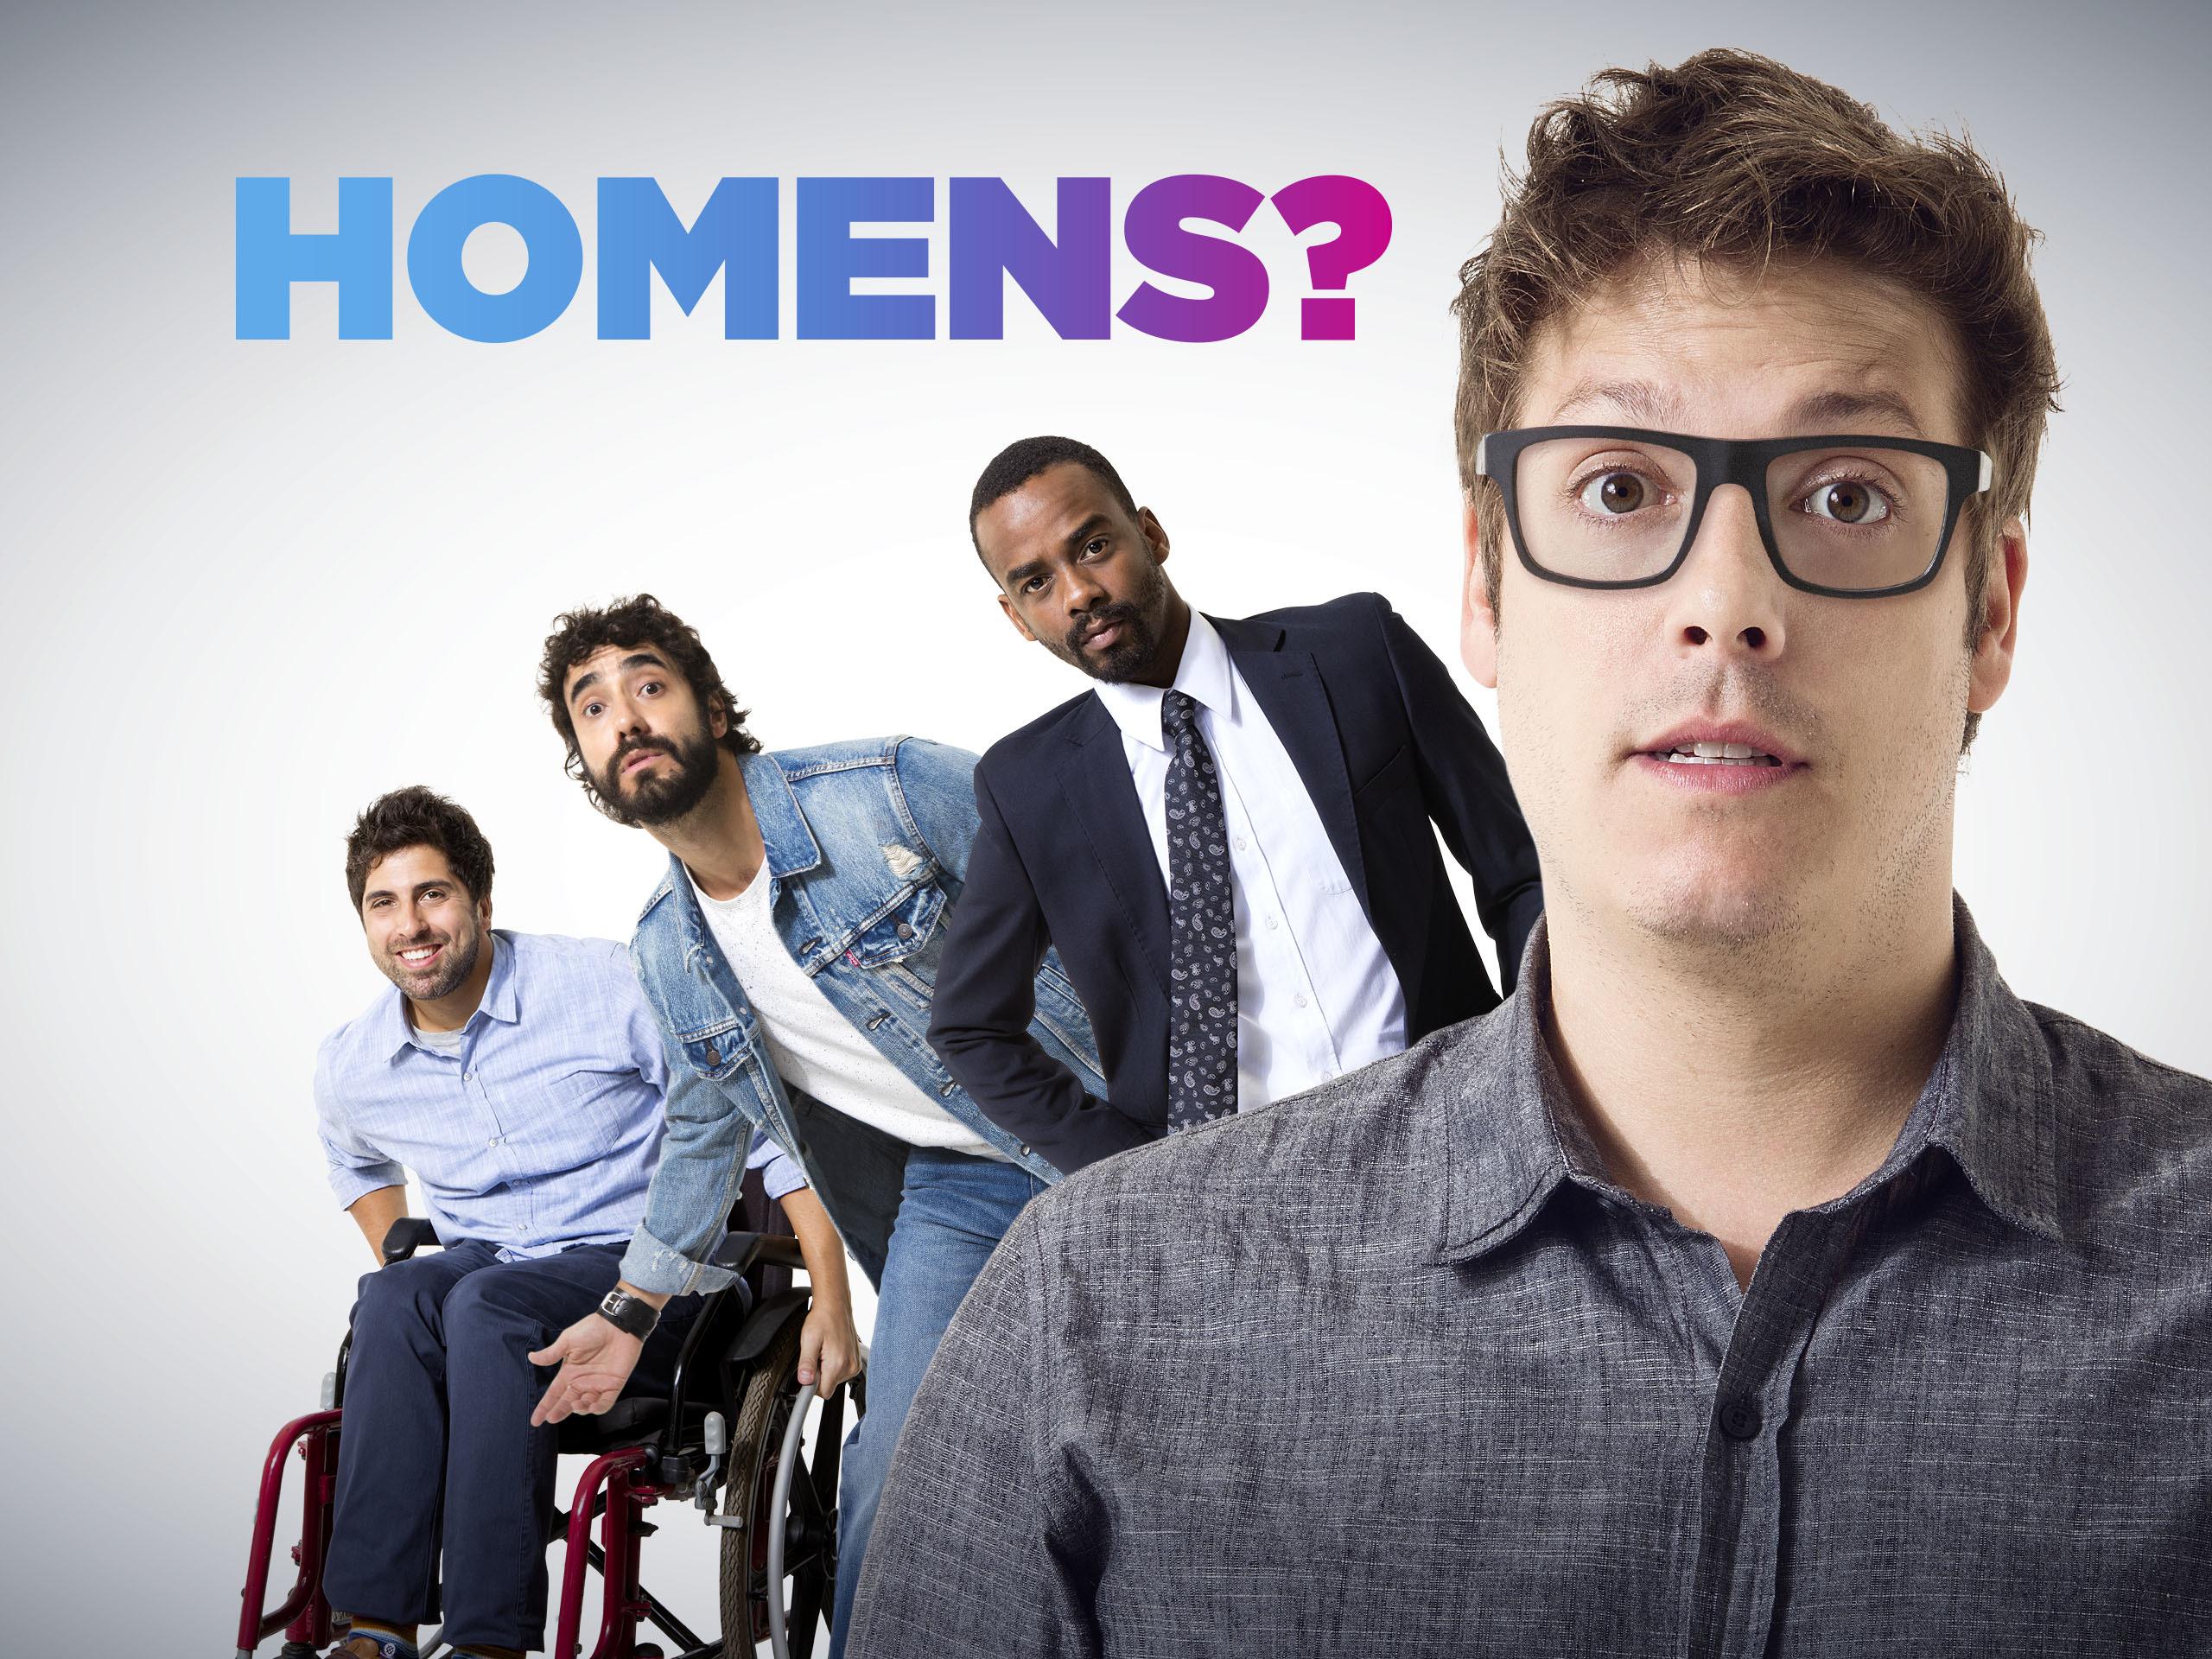 Fábio Porchat, Rafael Logam, Gabriel Godoy e Gabriel Louchard estrelam a série Homens? (Imagem: divulgação)